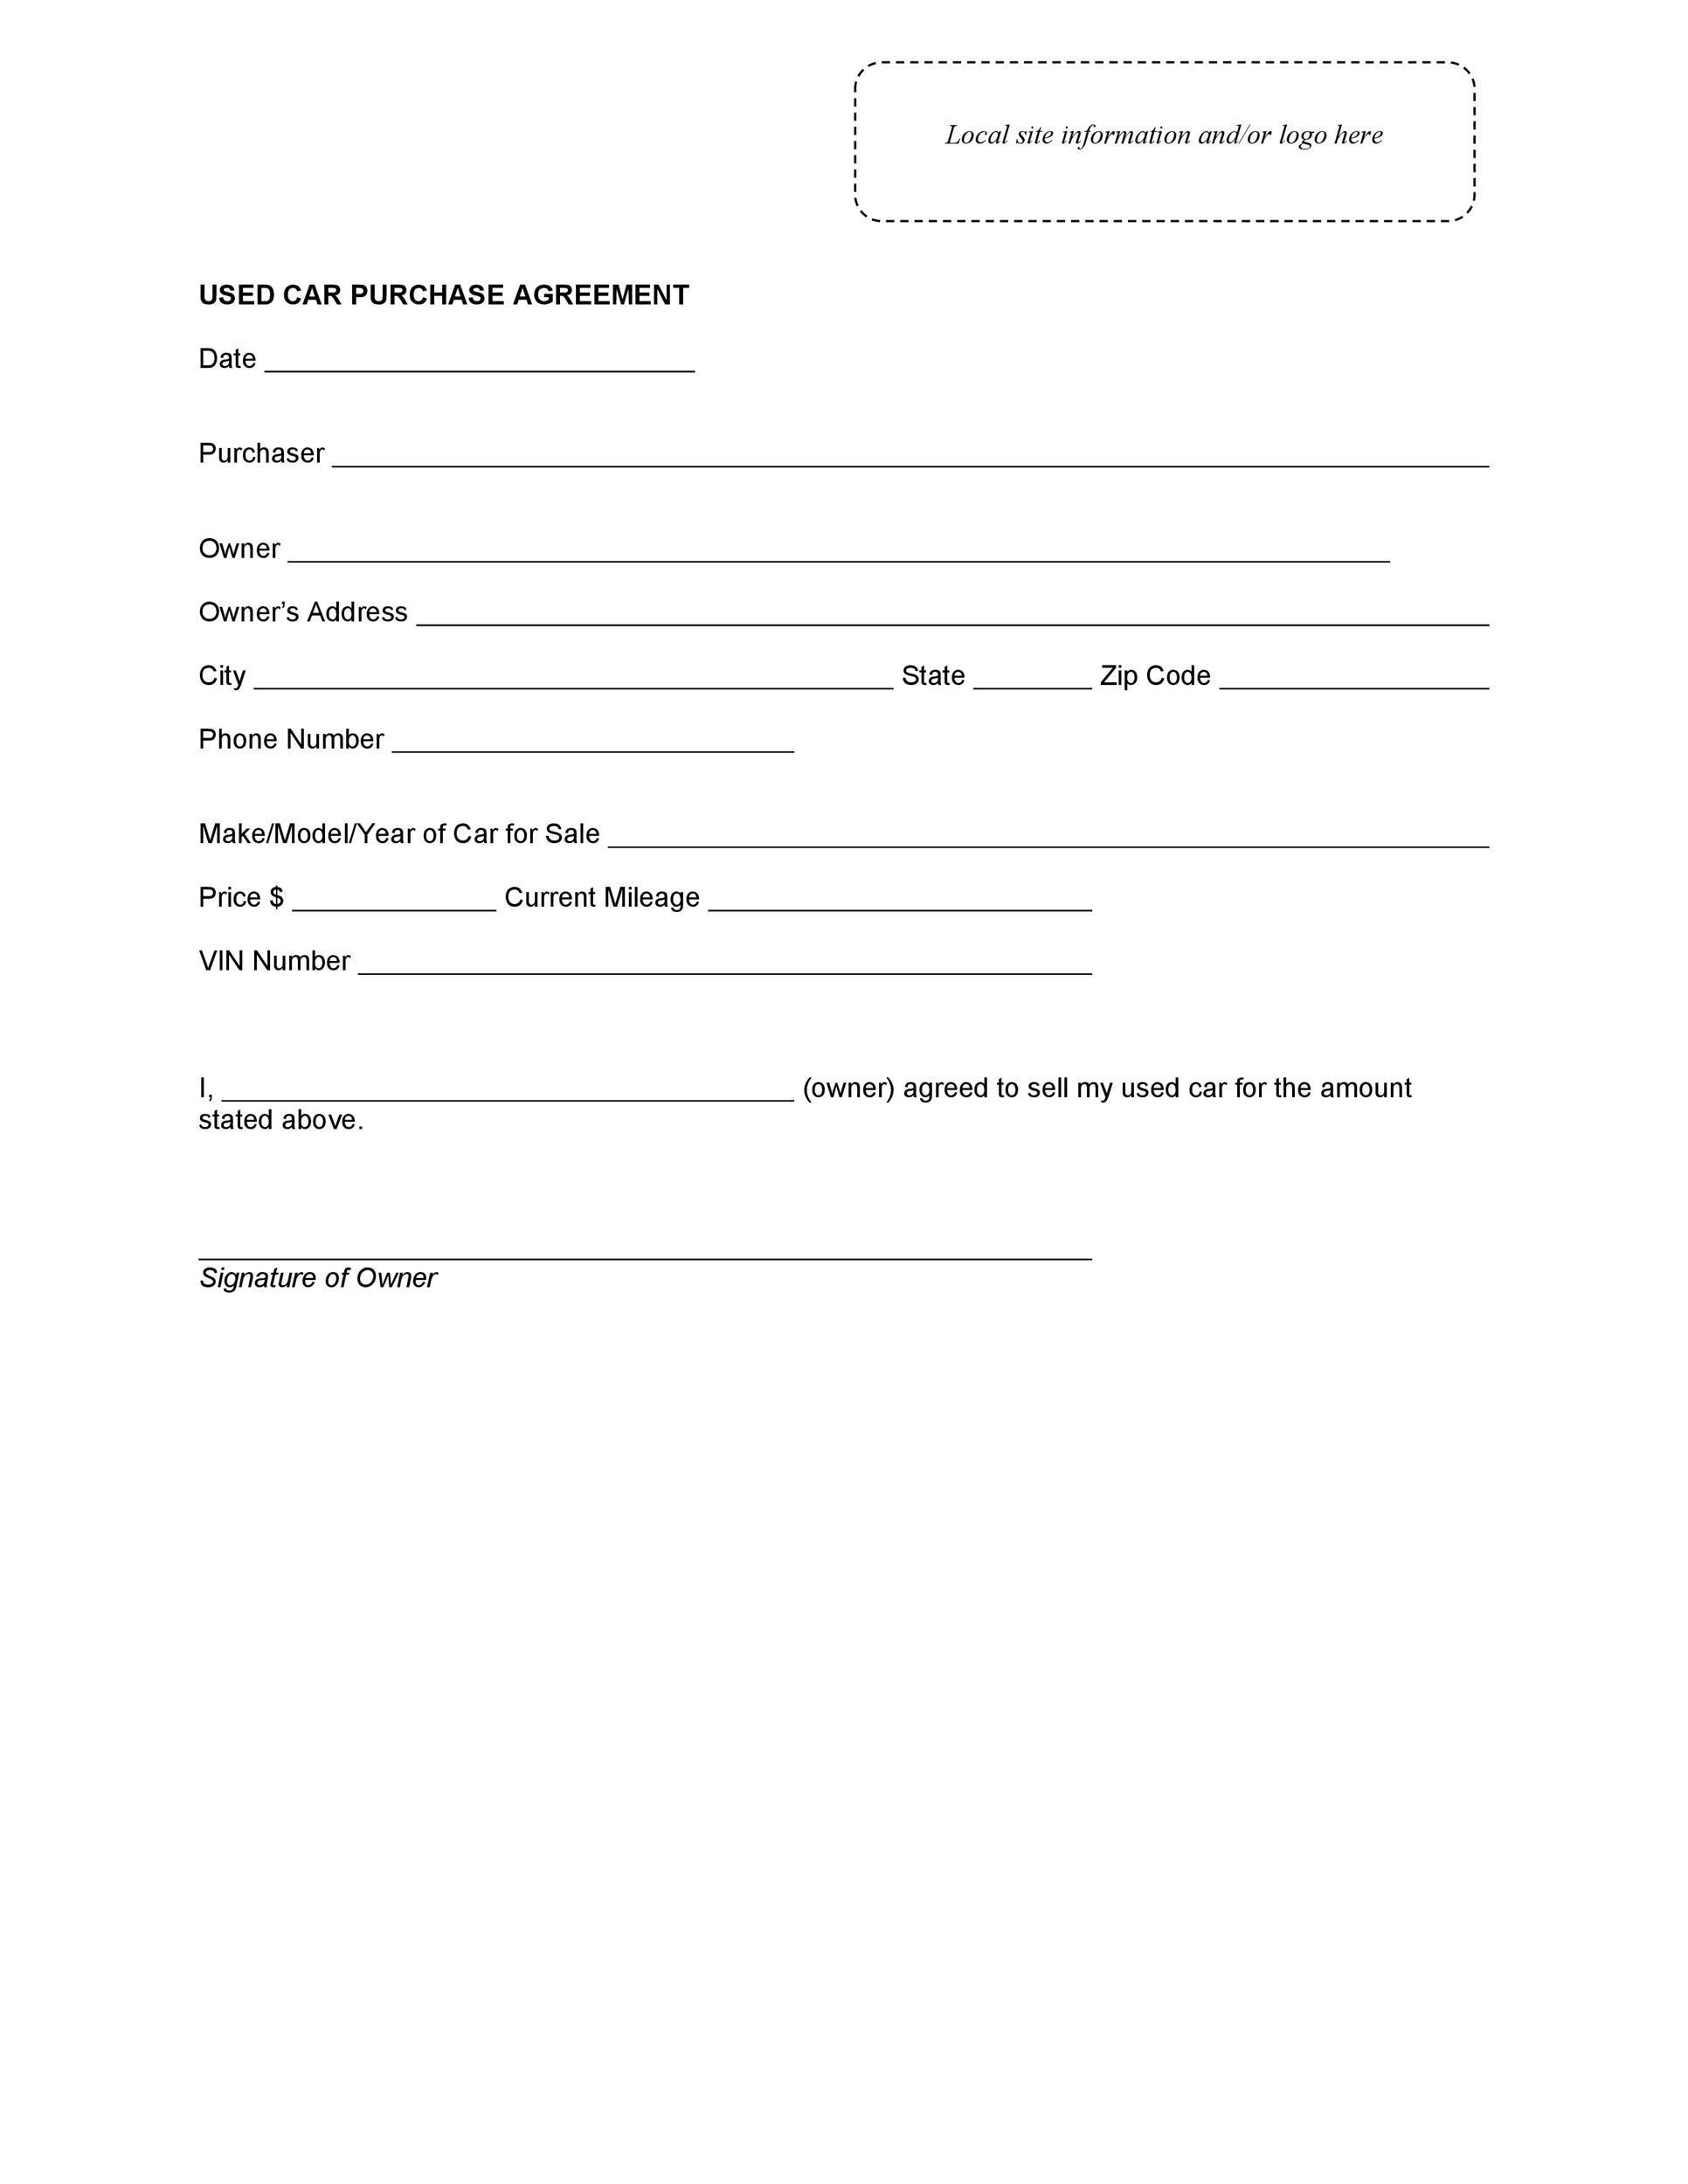 Printable Used Car Sales Agreement Tutore